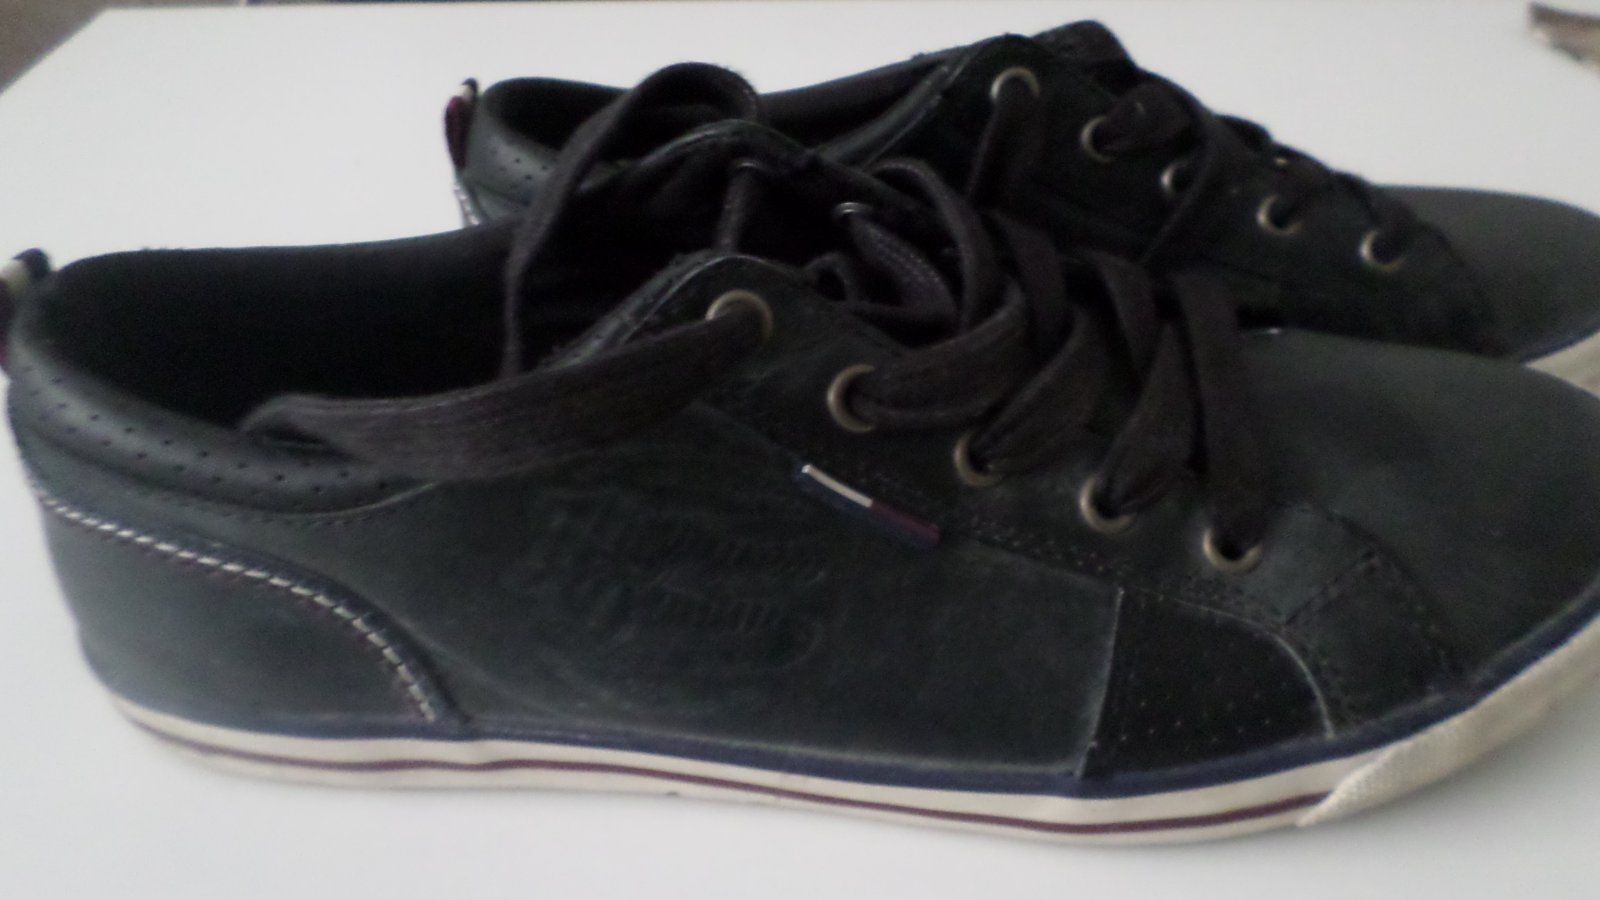 896a3cf32827 Pánske topánky tommy hilfiger